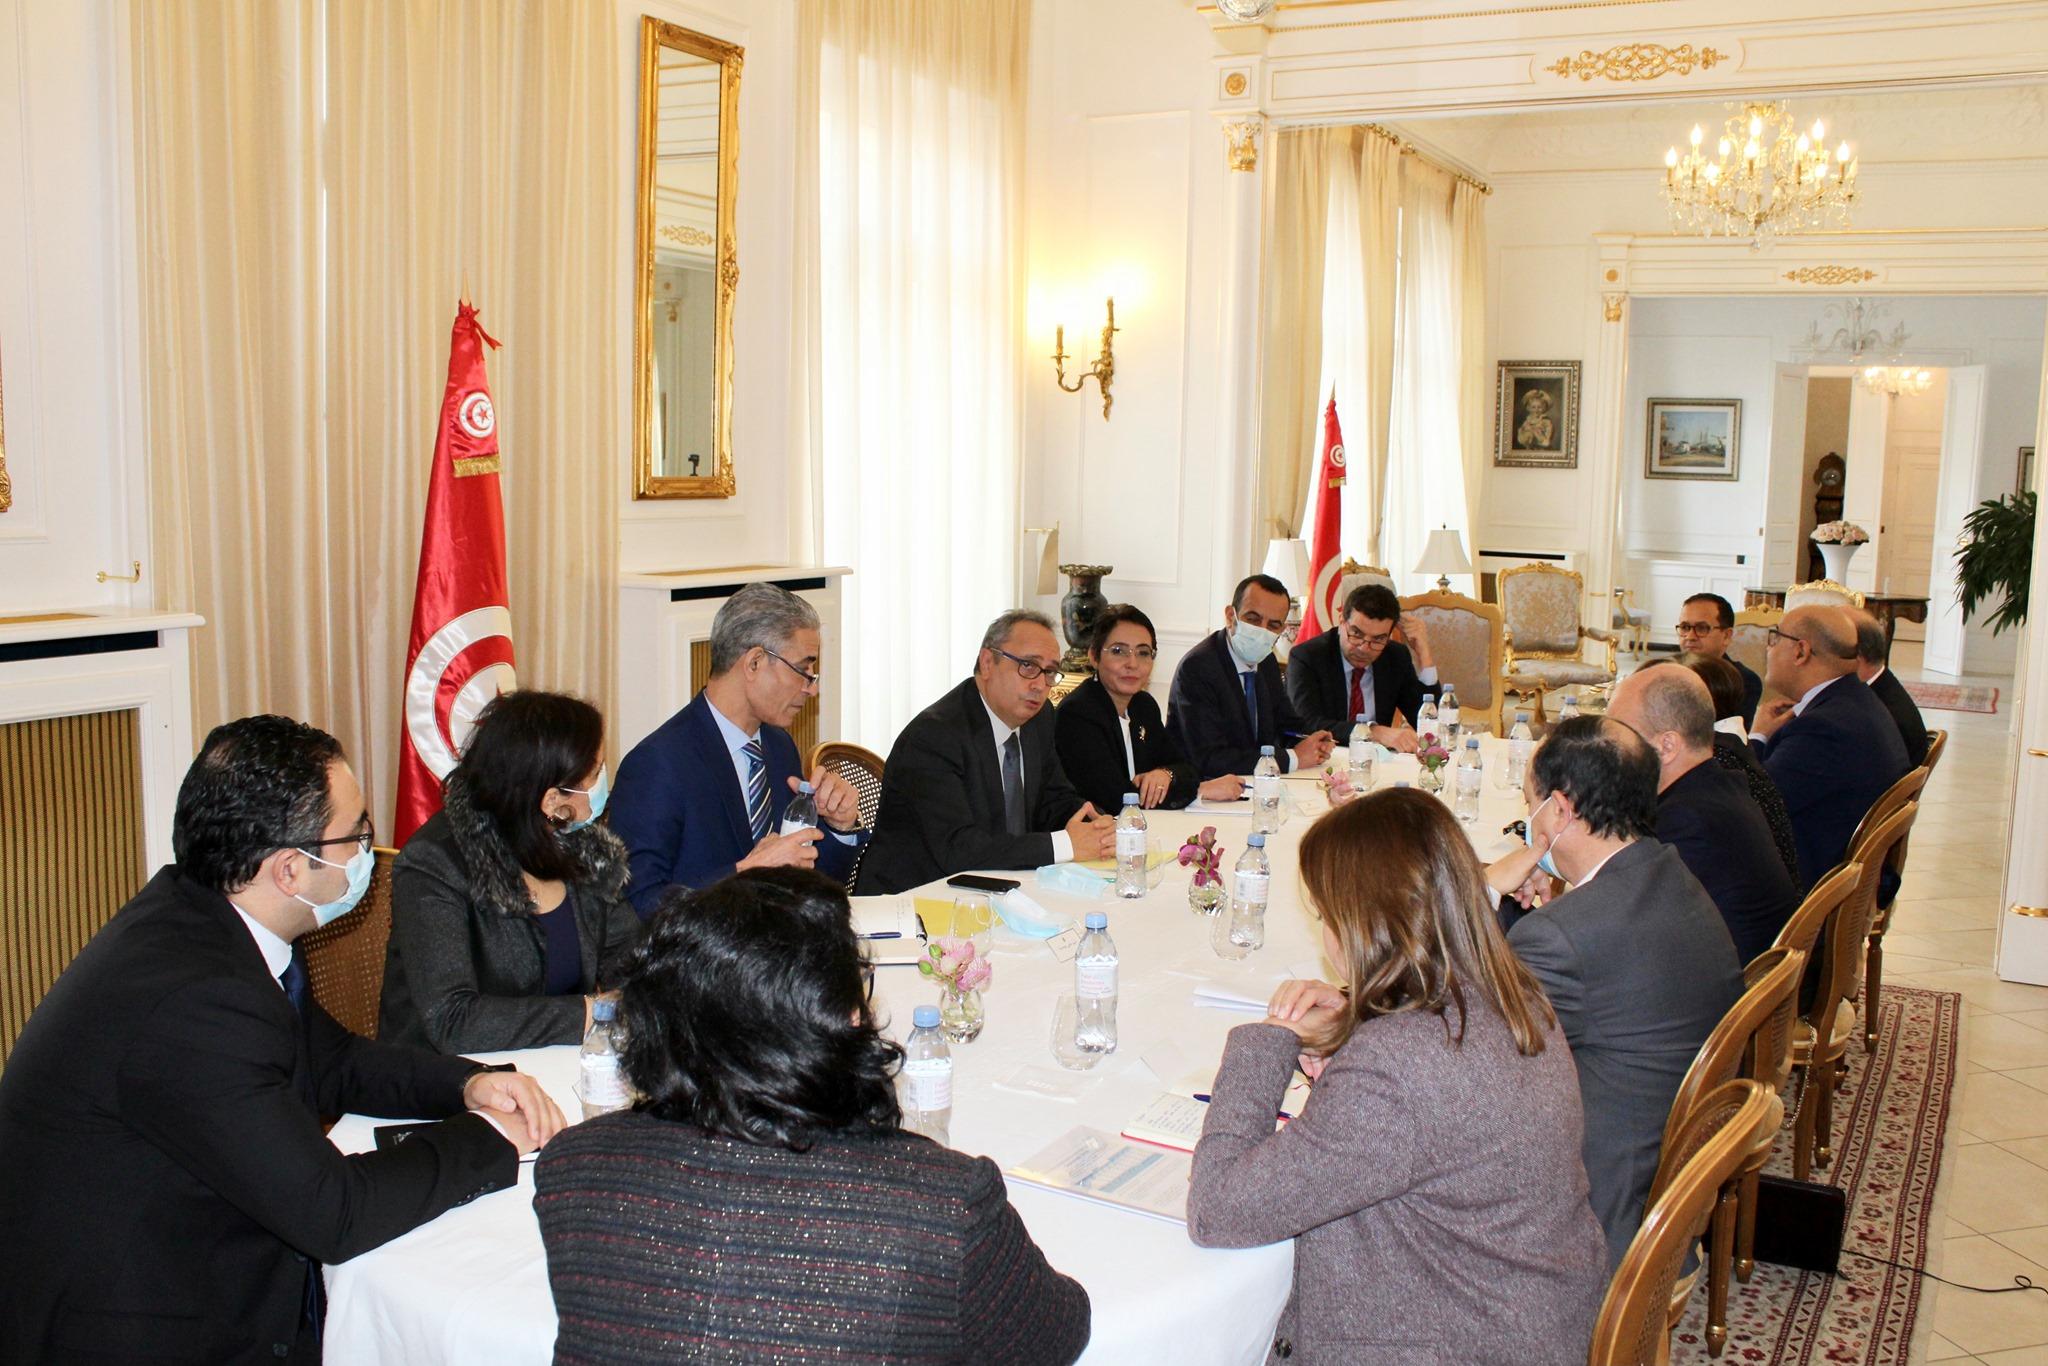 ambassade de Tunisie France Francetunisieinfo - Réunion de coordination à l'Ambassade avec les structures d'appui tunisiennes en France